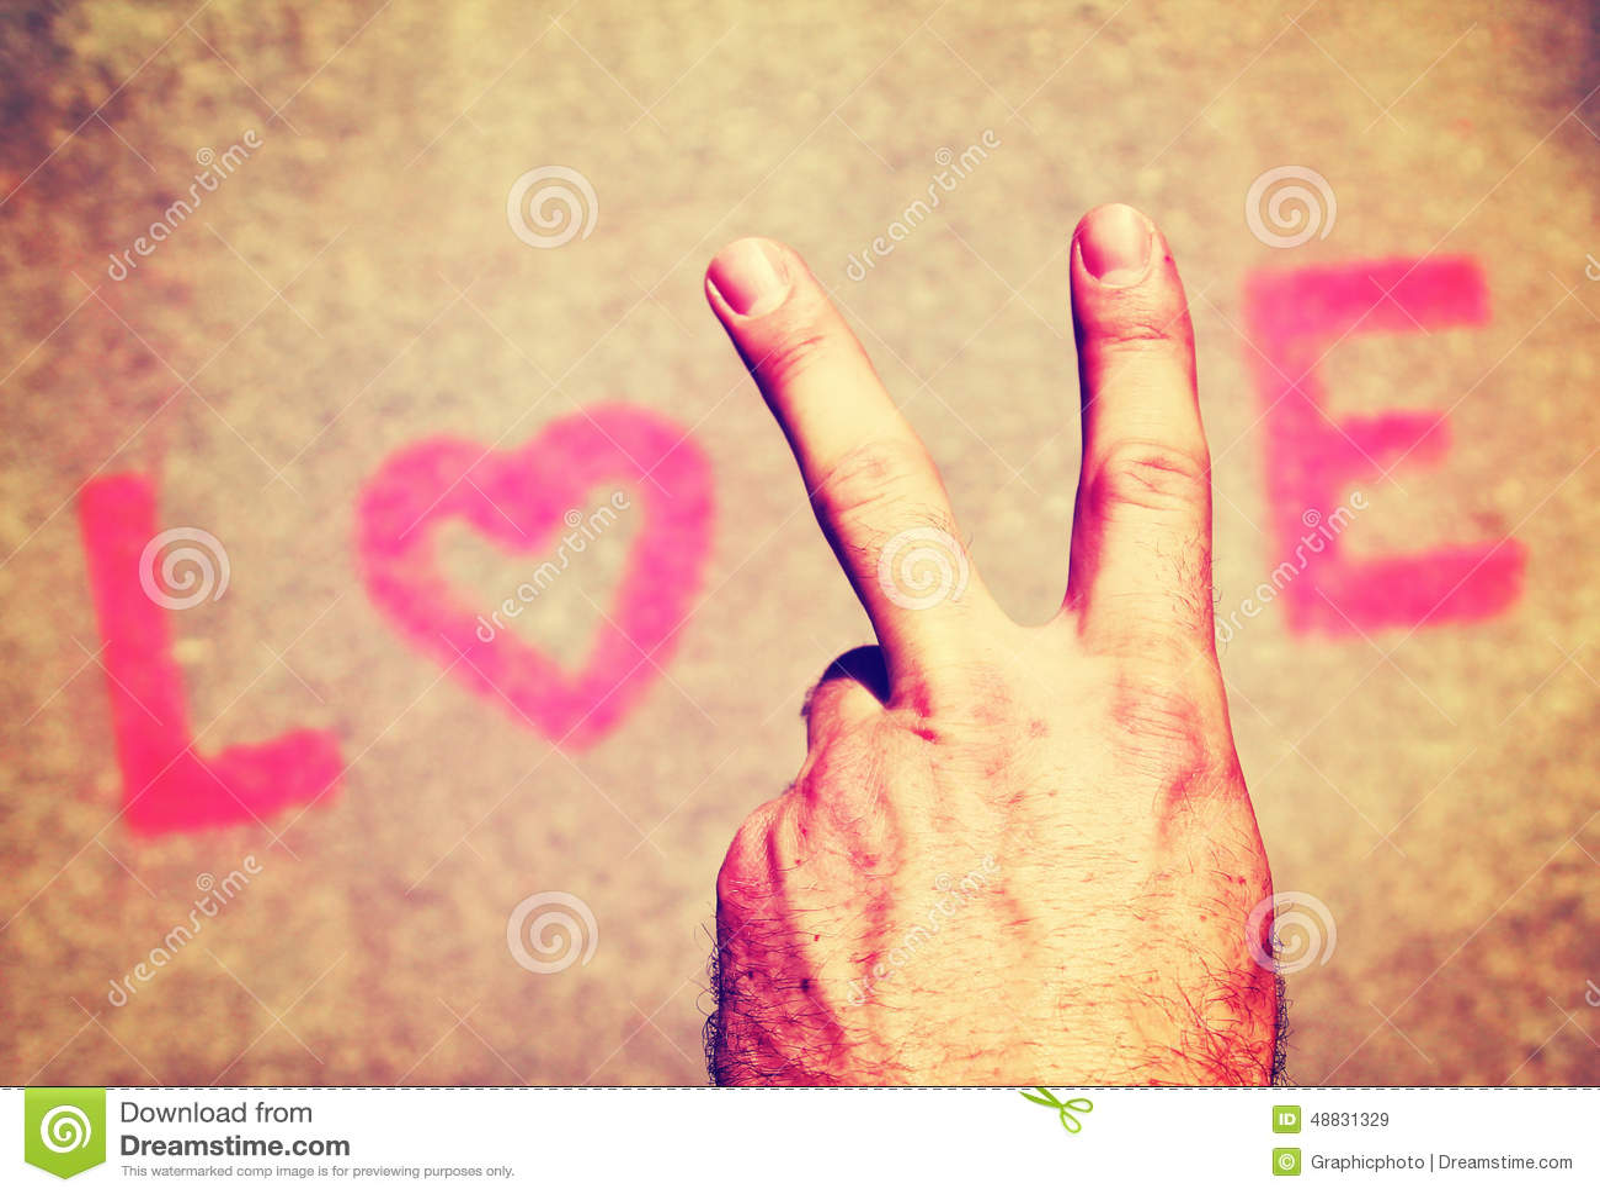 Letter Love In Hand Hd Wallpaper